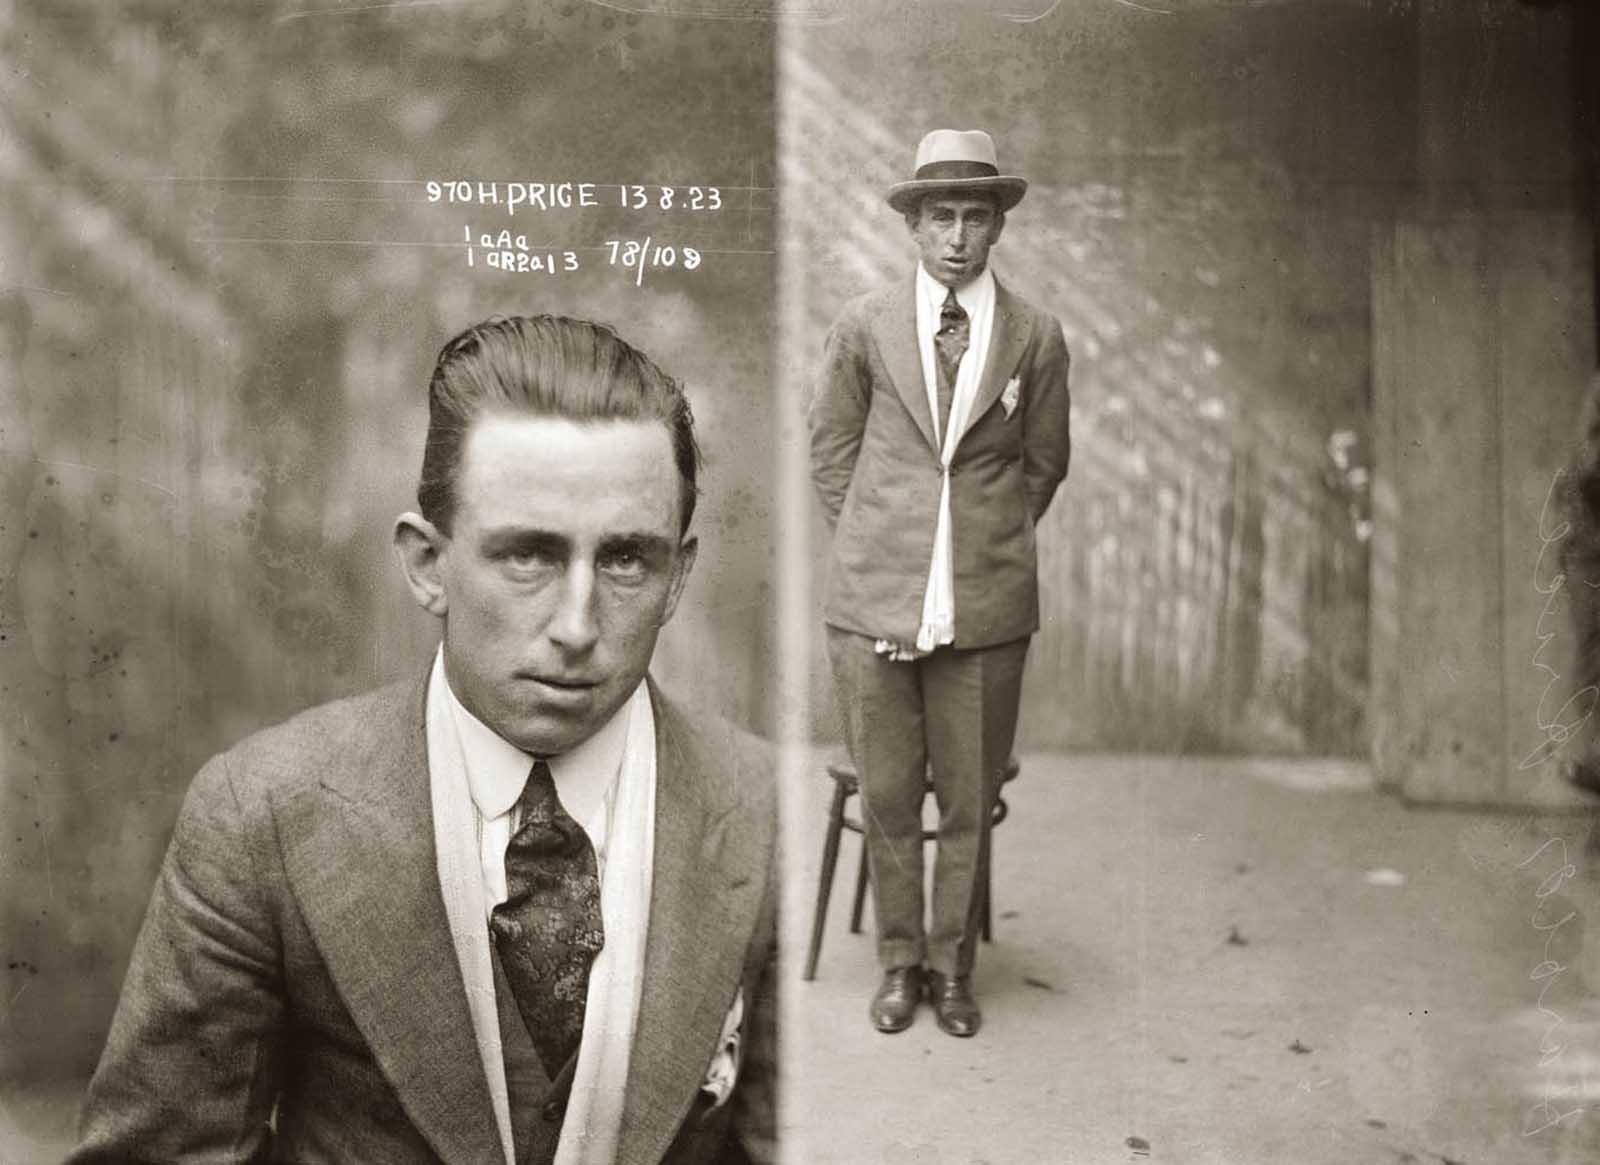 Harold Price. 1923.